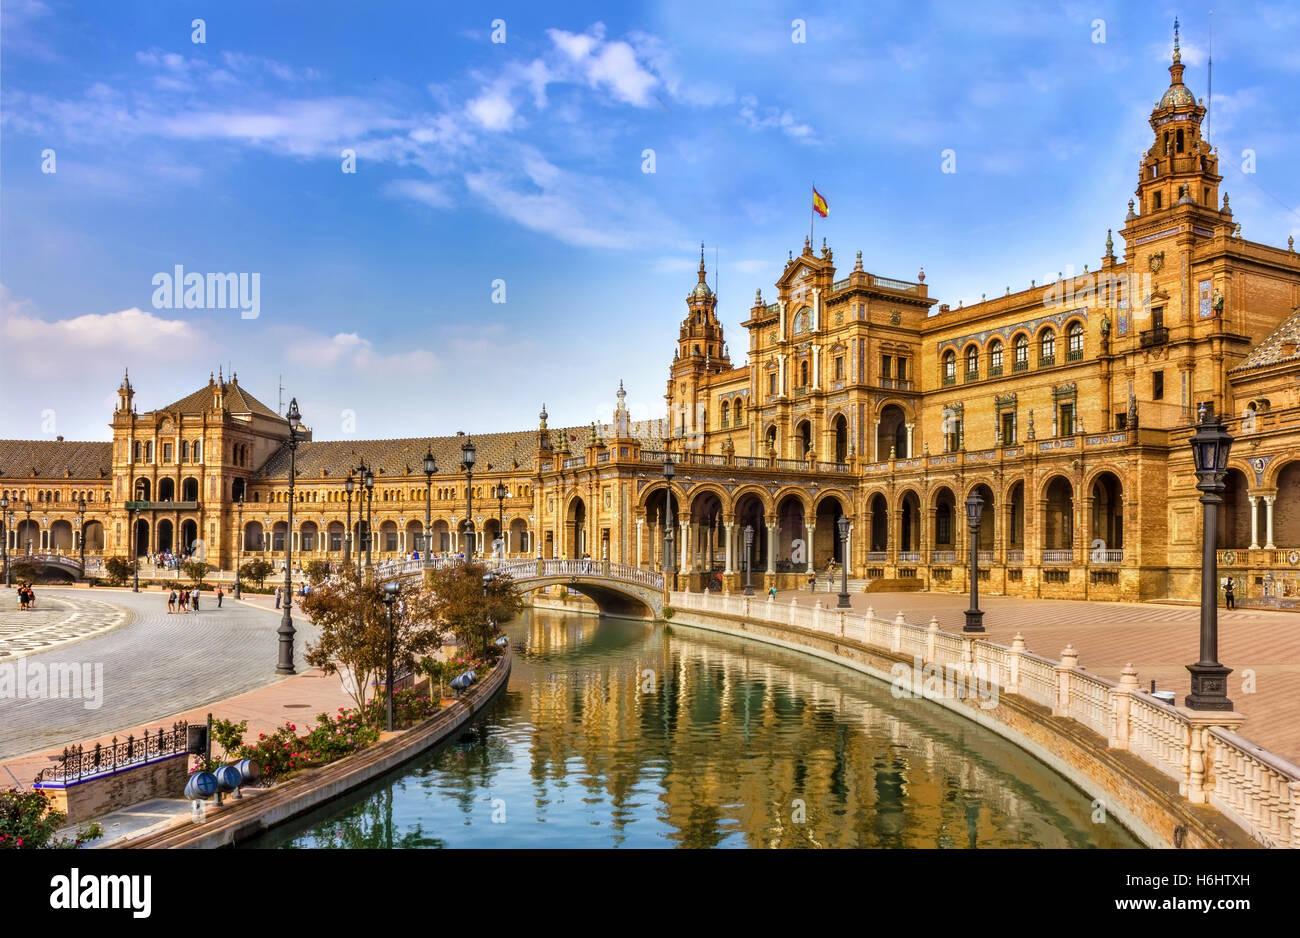 spanish-square-in-sevilla-spain-H6HTXH.j